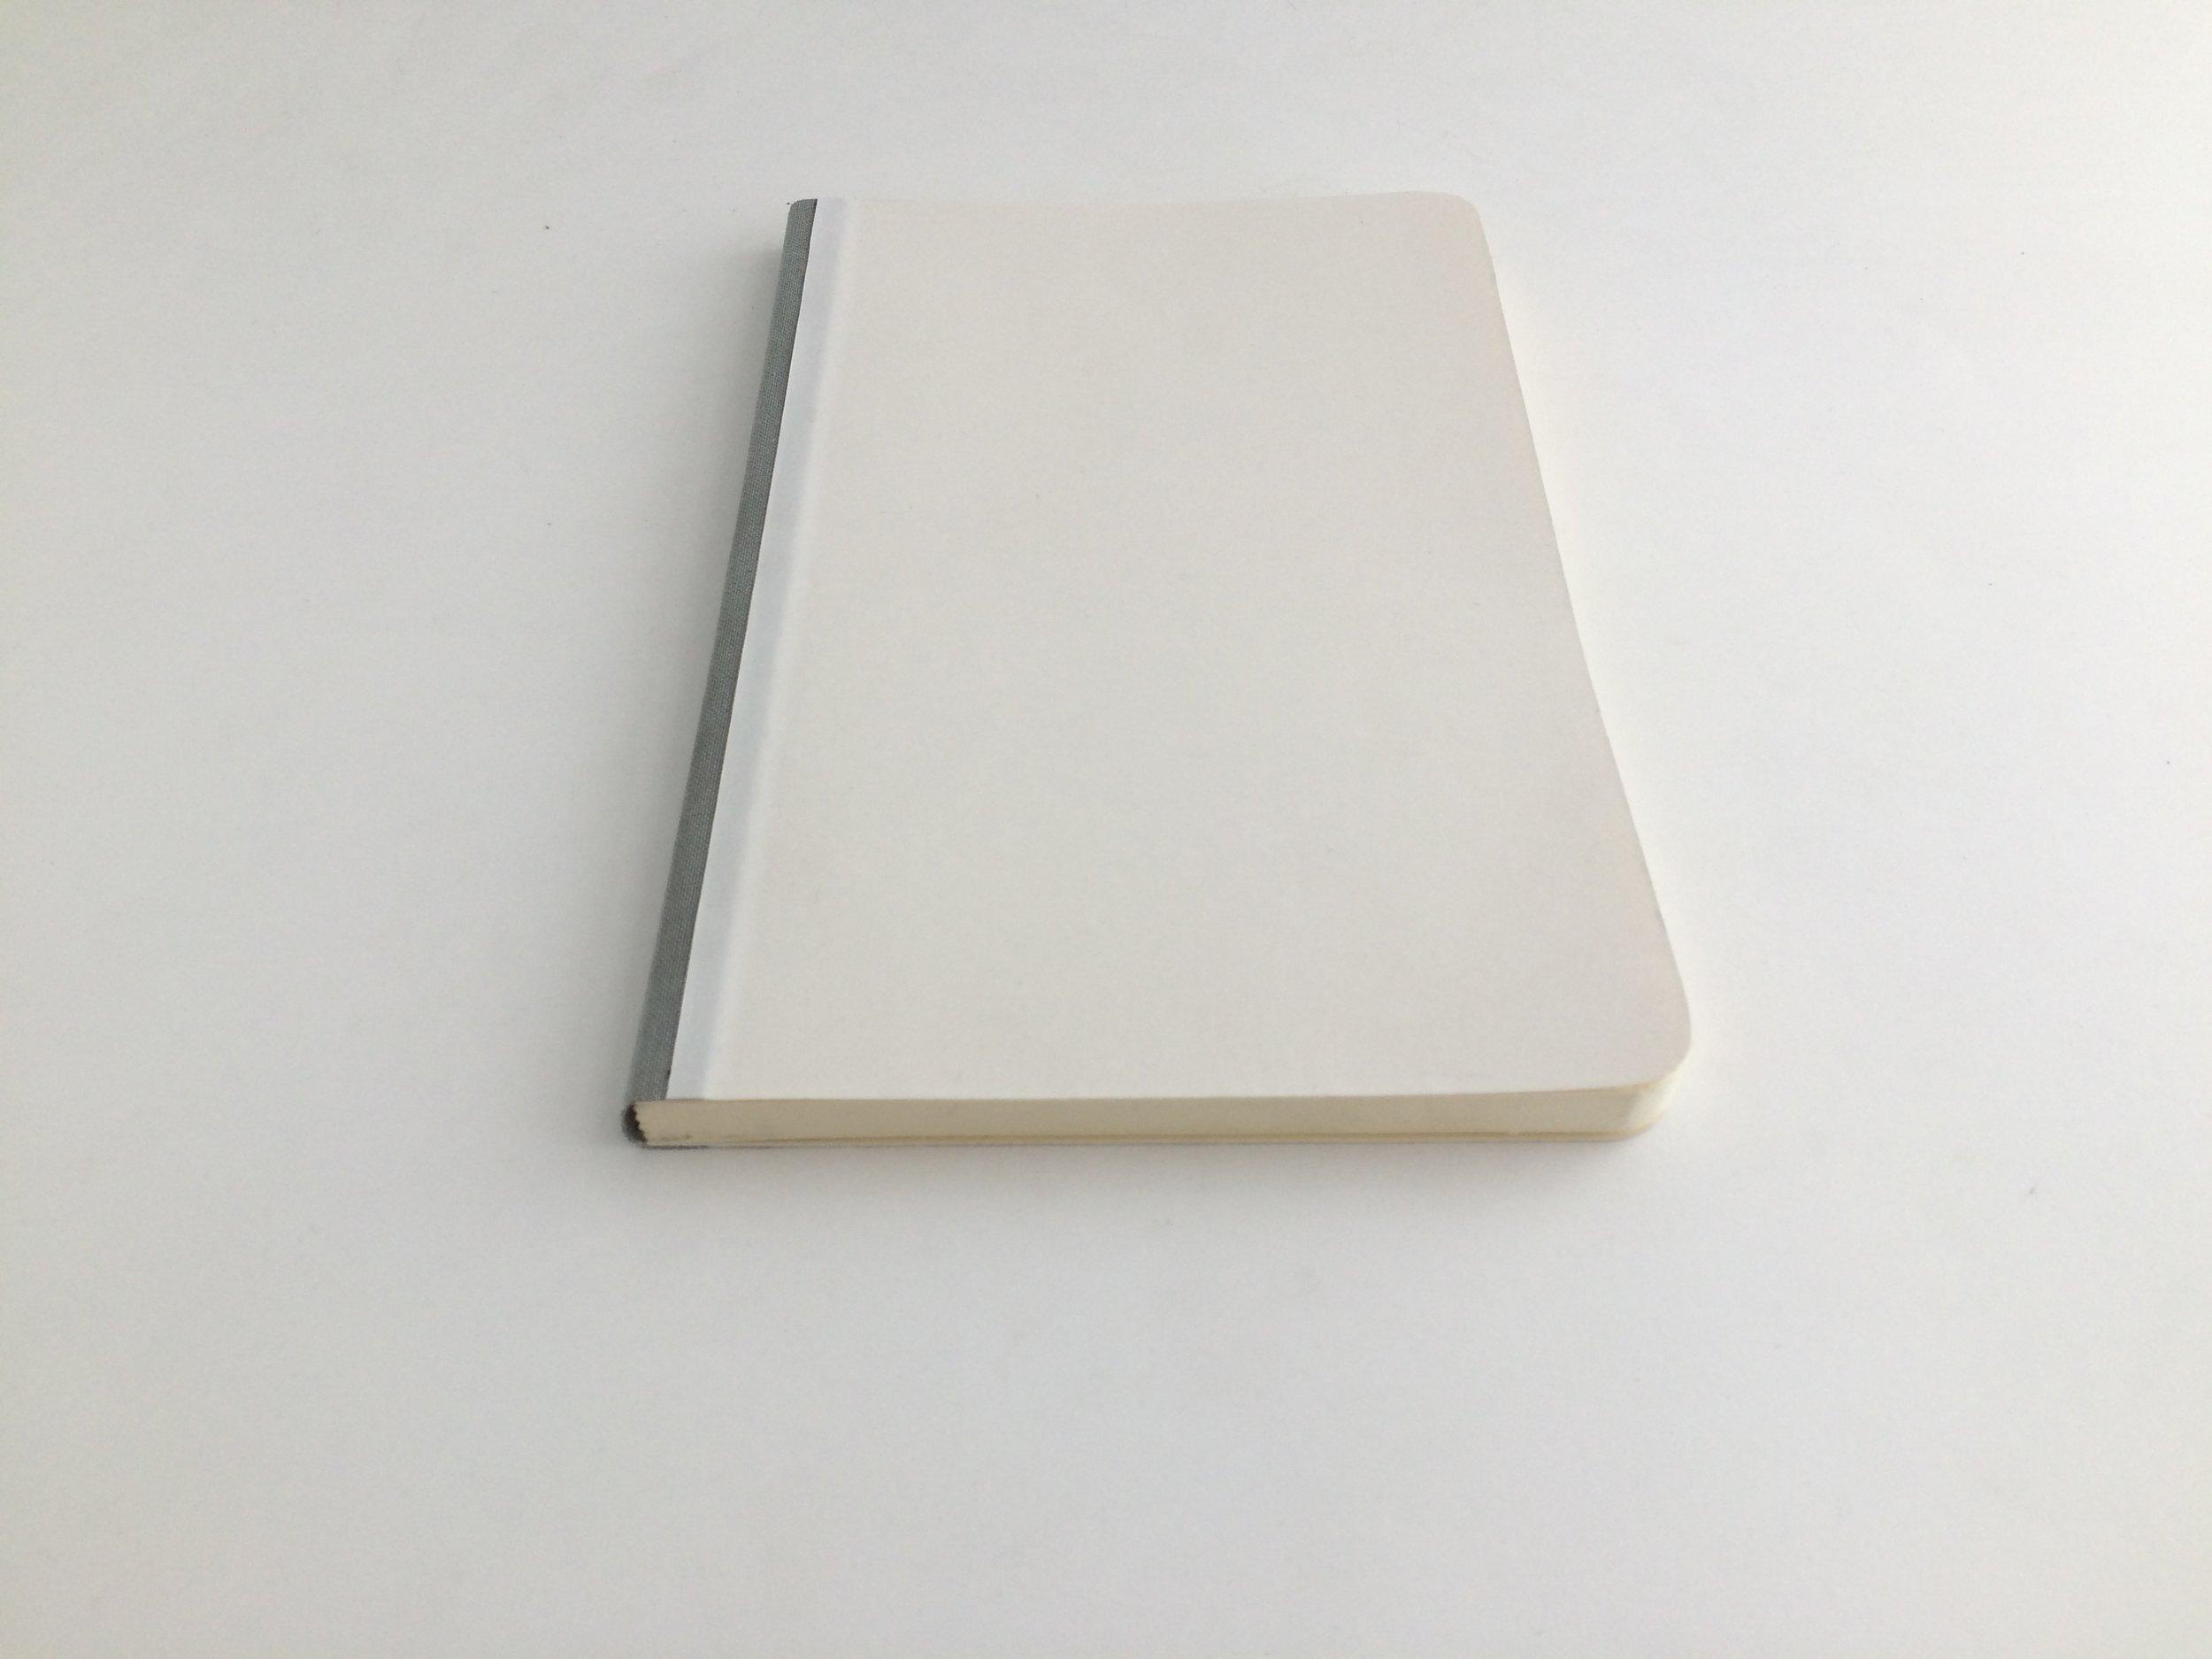 La libreta Soft Cover tiene un grosor de 1.2 cm.